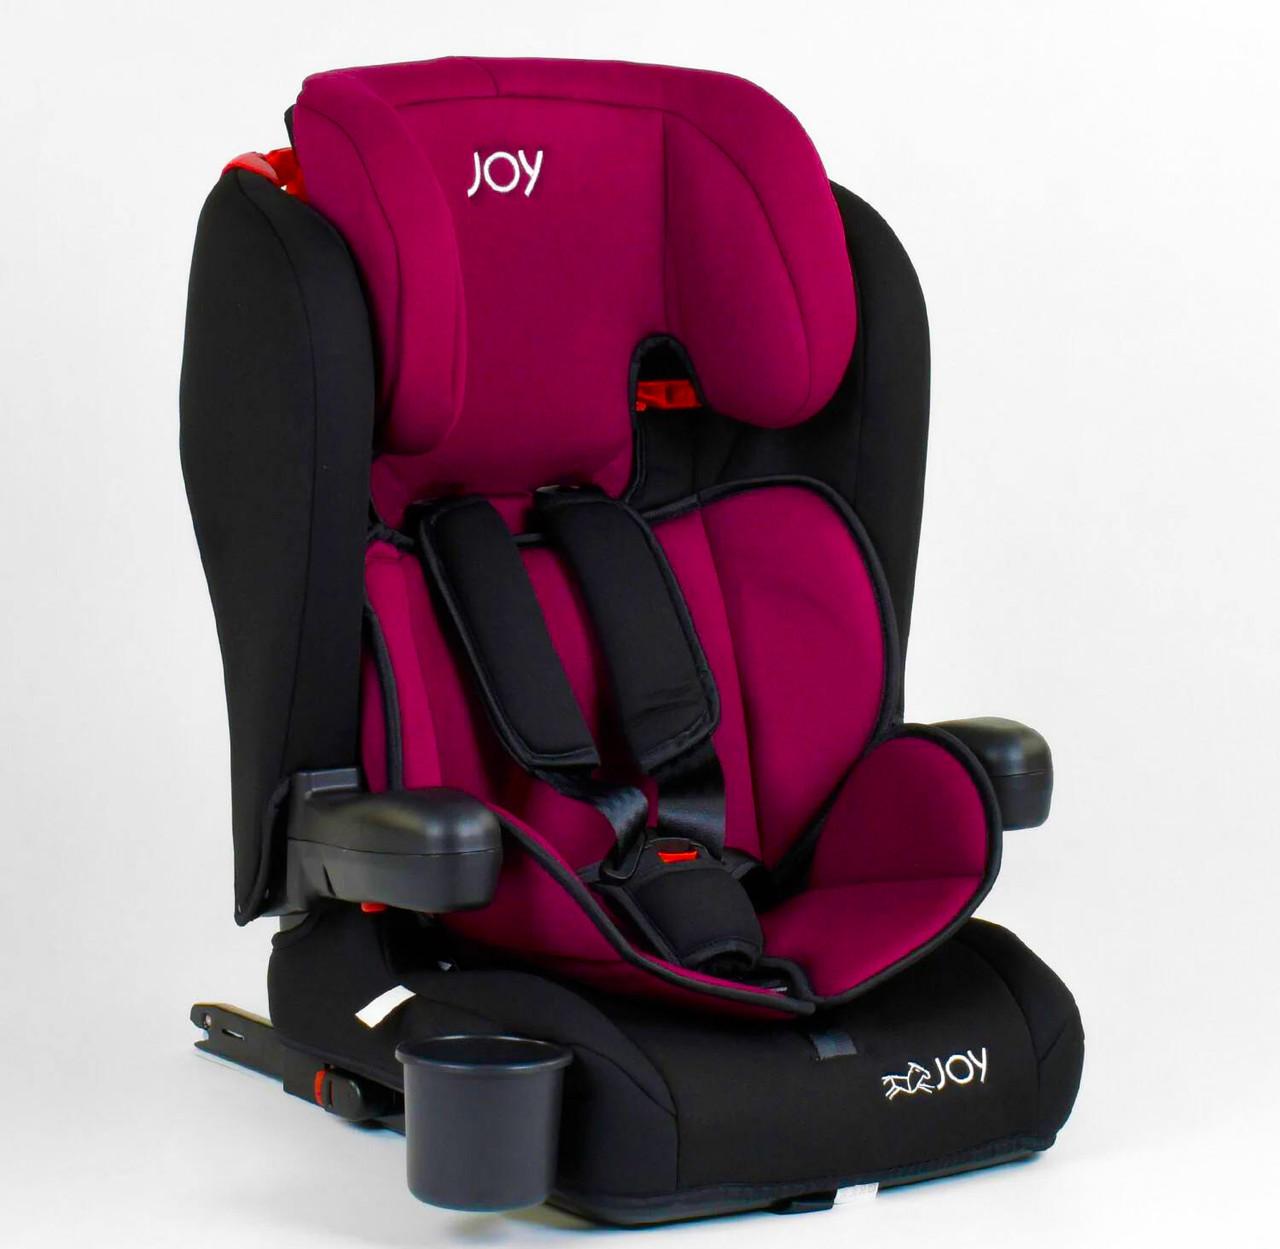 Дитяче автокрісло JOY система ISOFIX універсальне Чорно вишневий колір